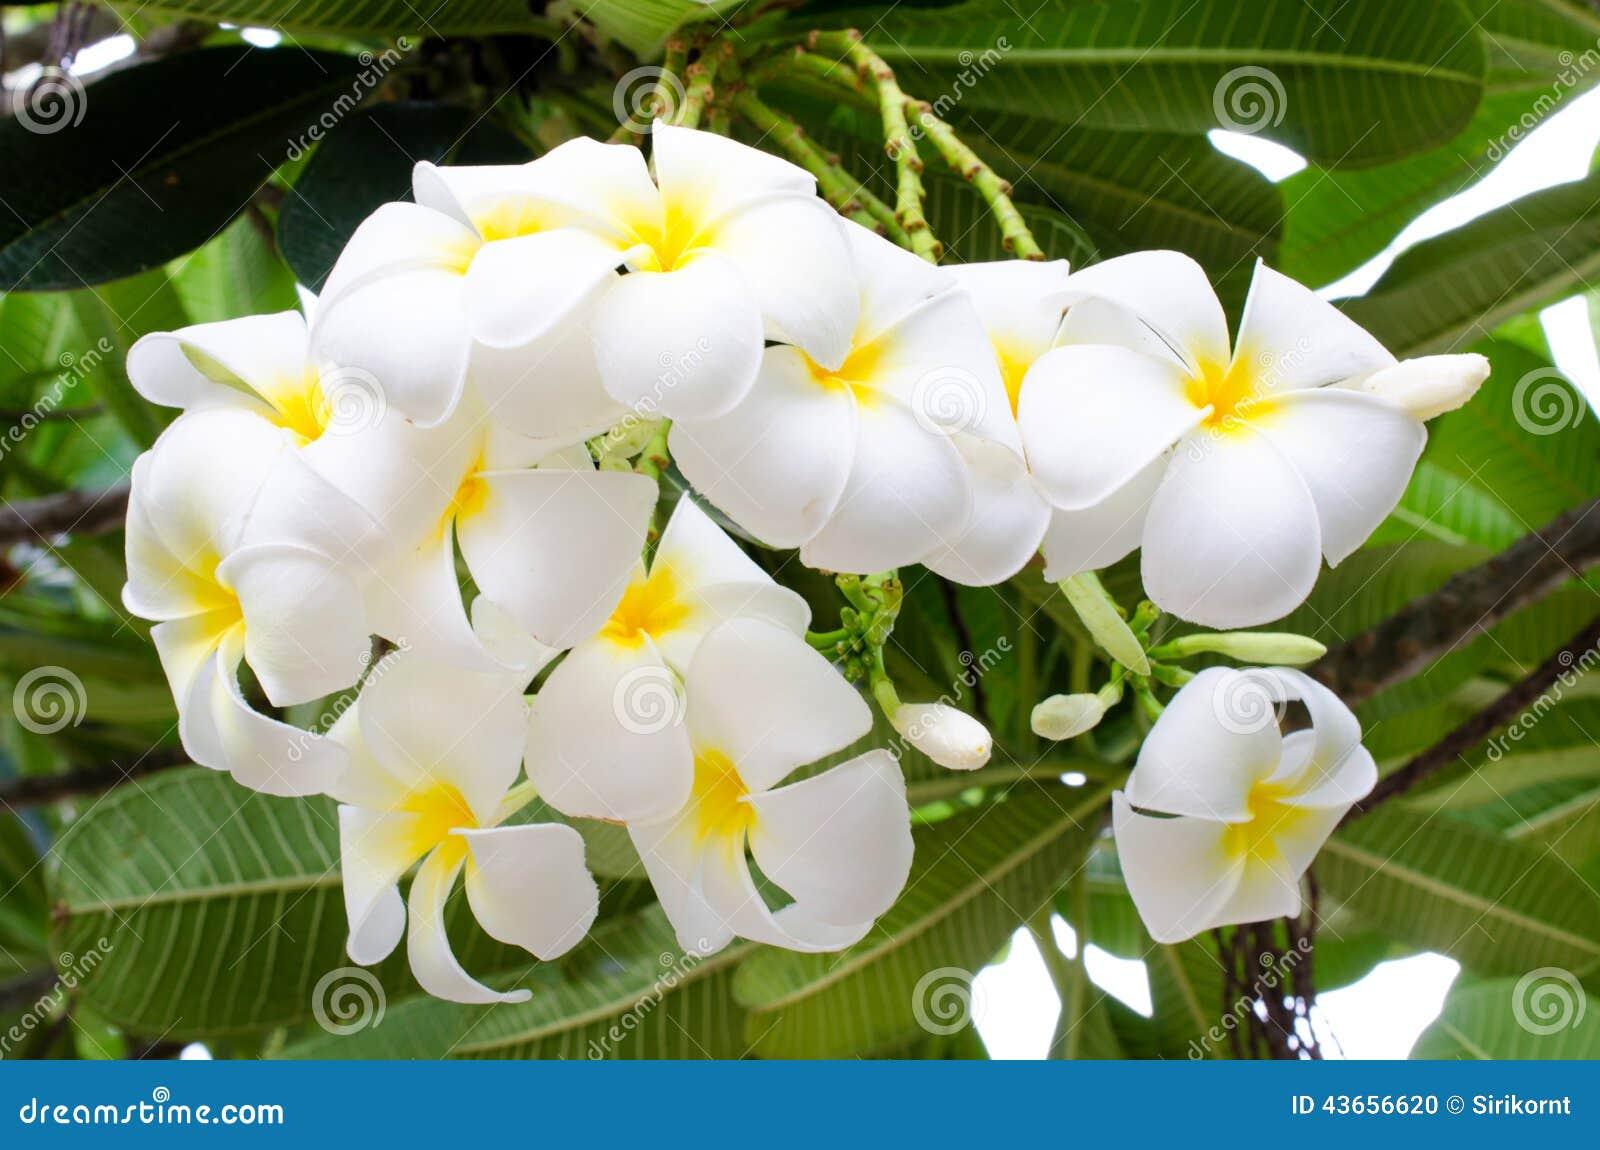 fiore bianco e giallo nome